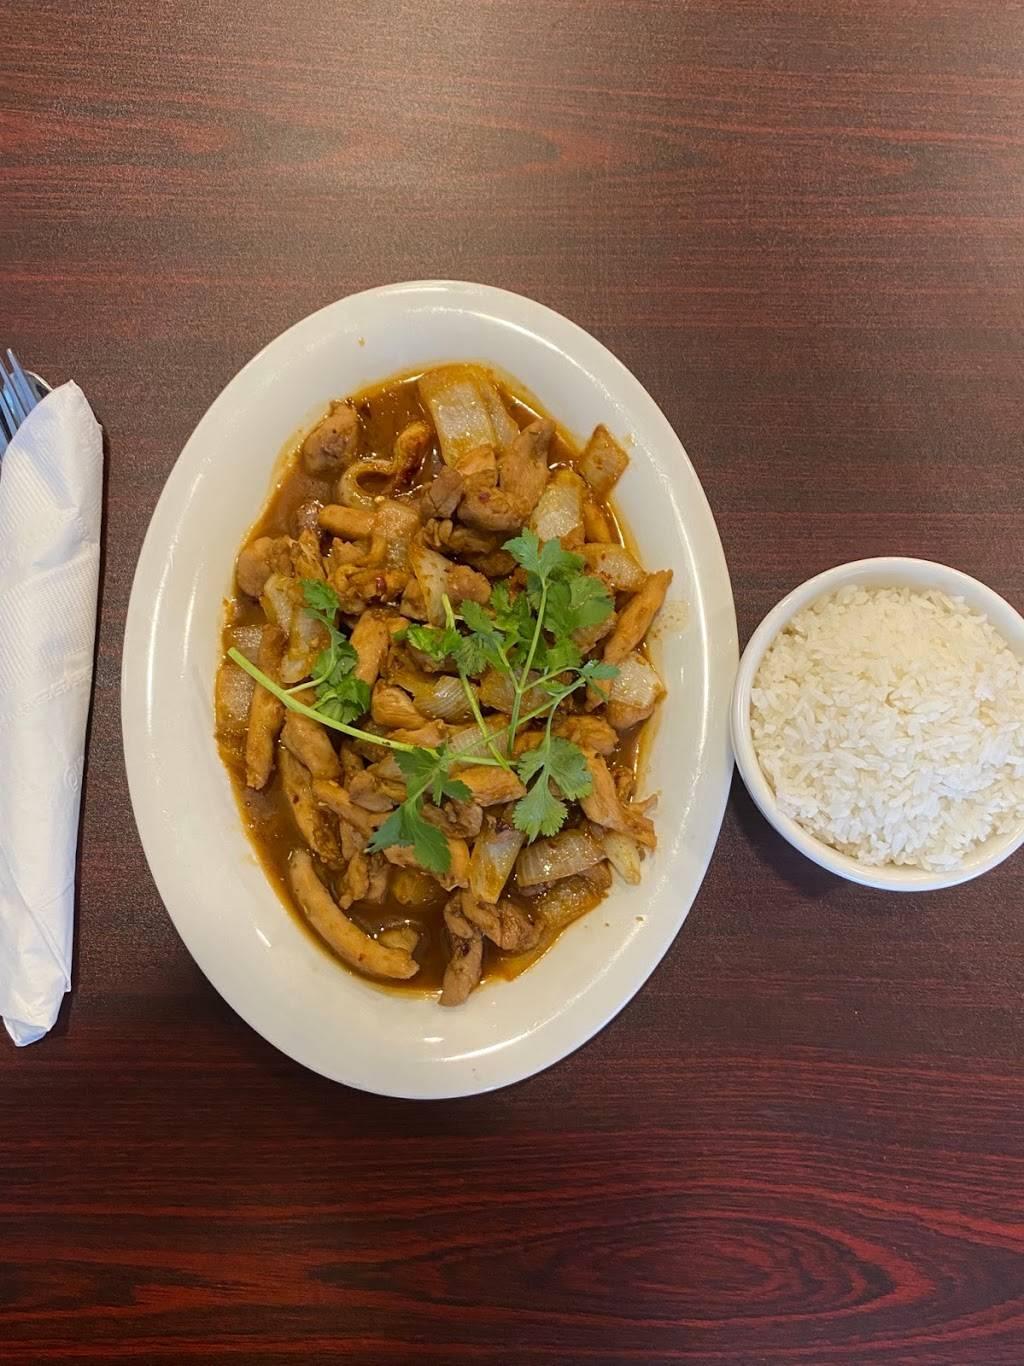 Pho Golden 5 Stars Restaurant | restaurant | 6121 B Backlick Rd, Springfield, VA 22150, USA | 5713885069 OR +1 571-388-5069